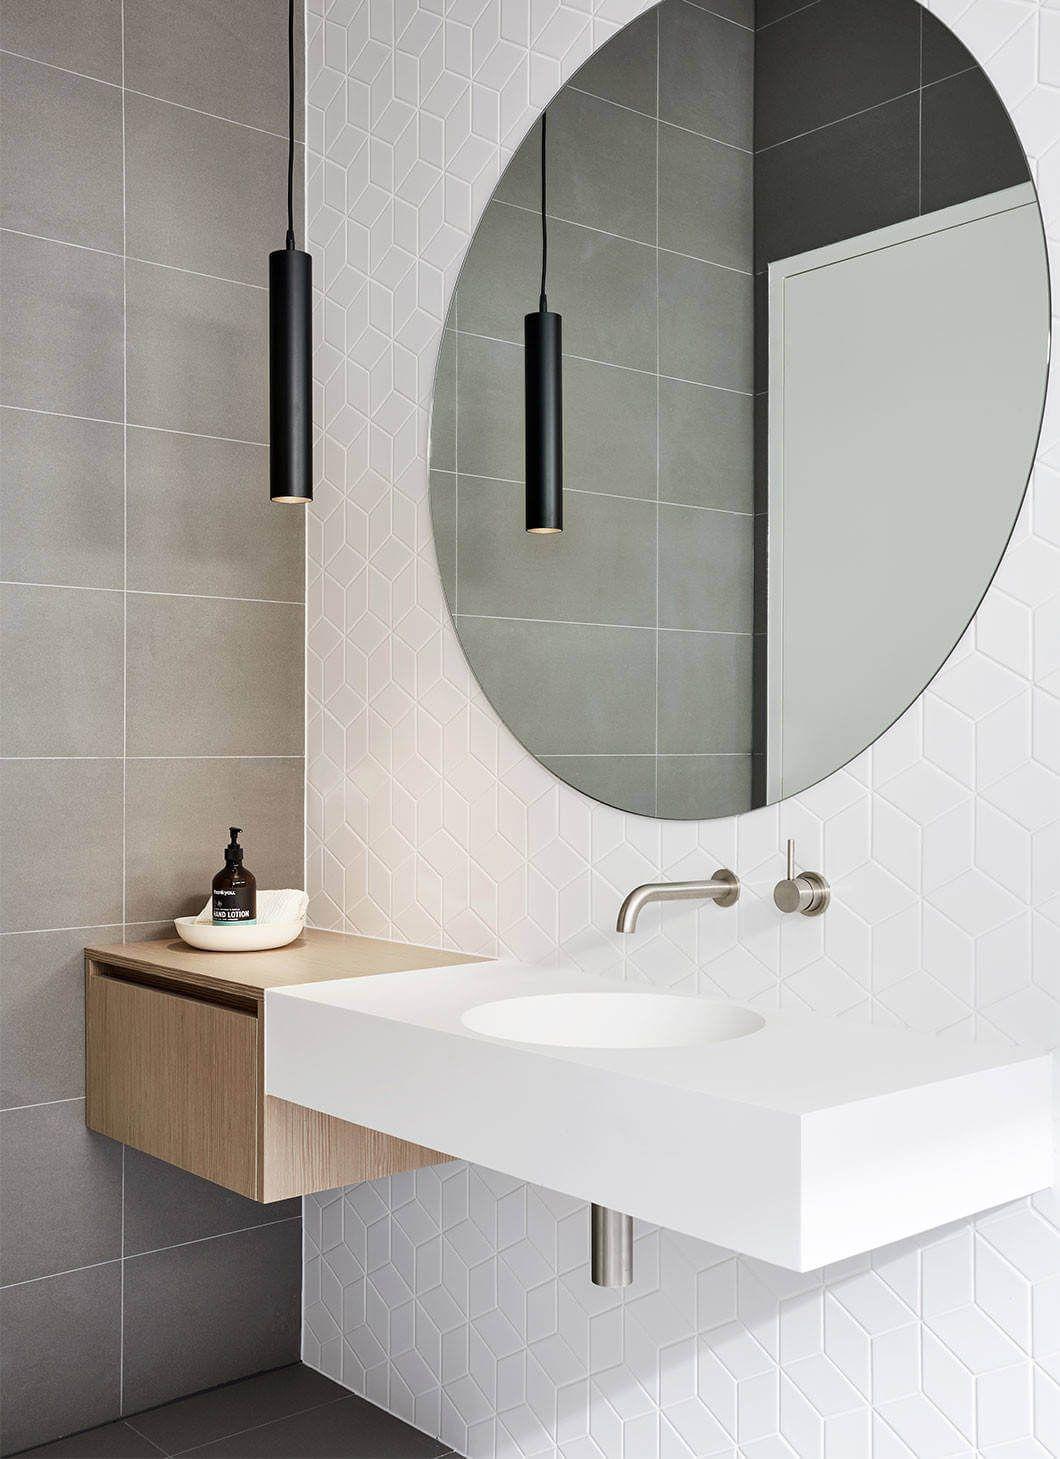 Fitzroy North Home by Zunica Interior Architecture & Design ...